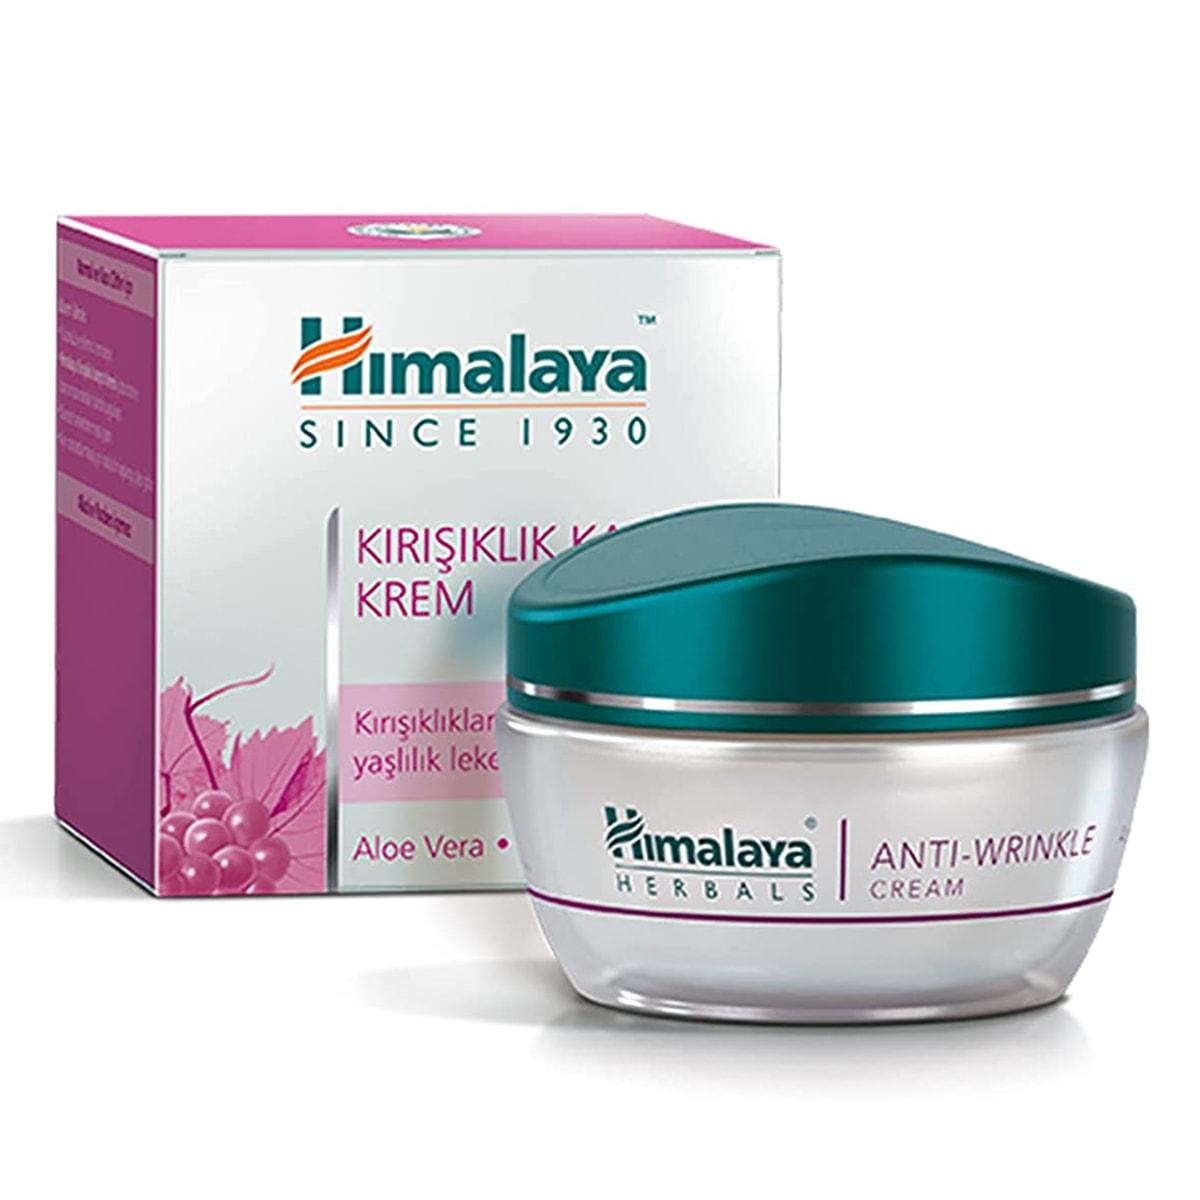 Buy Himalaya Herbals Anti Wrinkle Cream - 50 ml